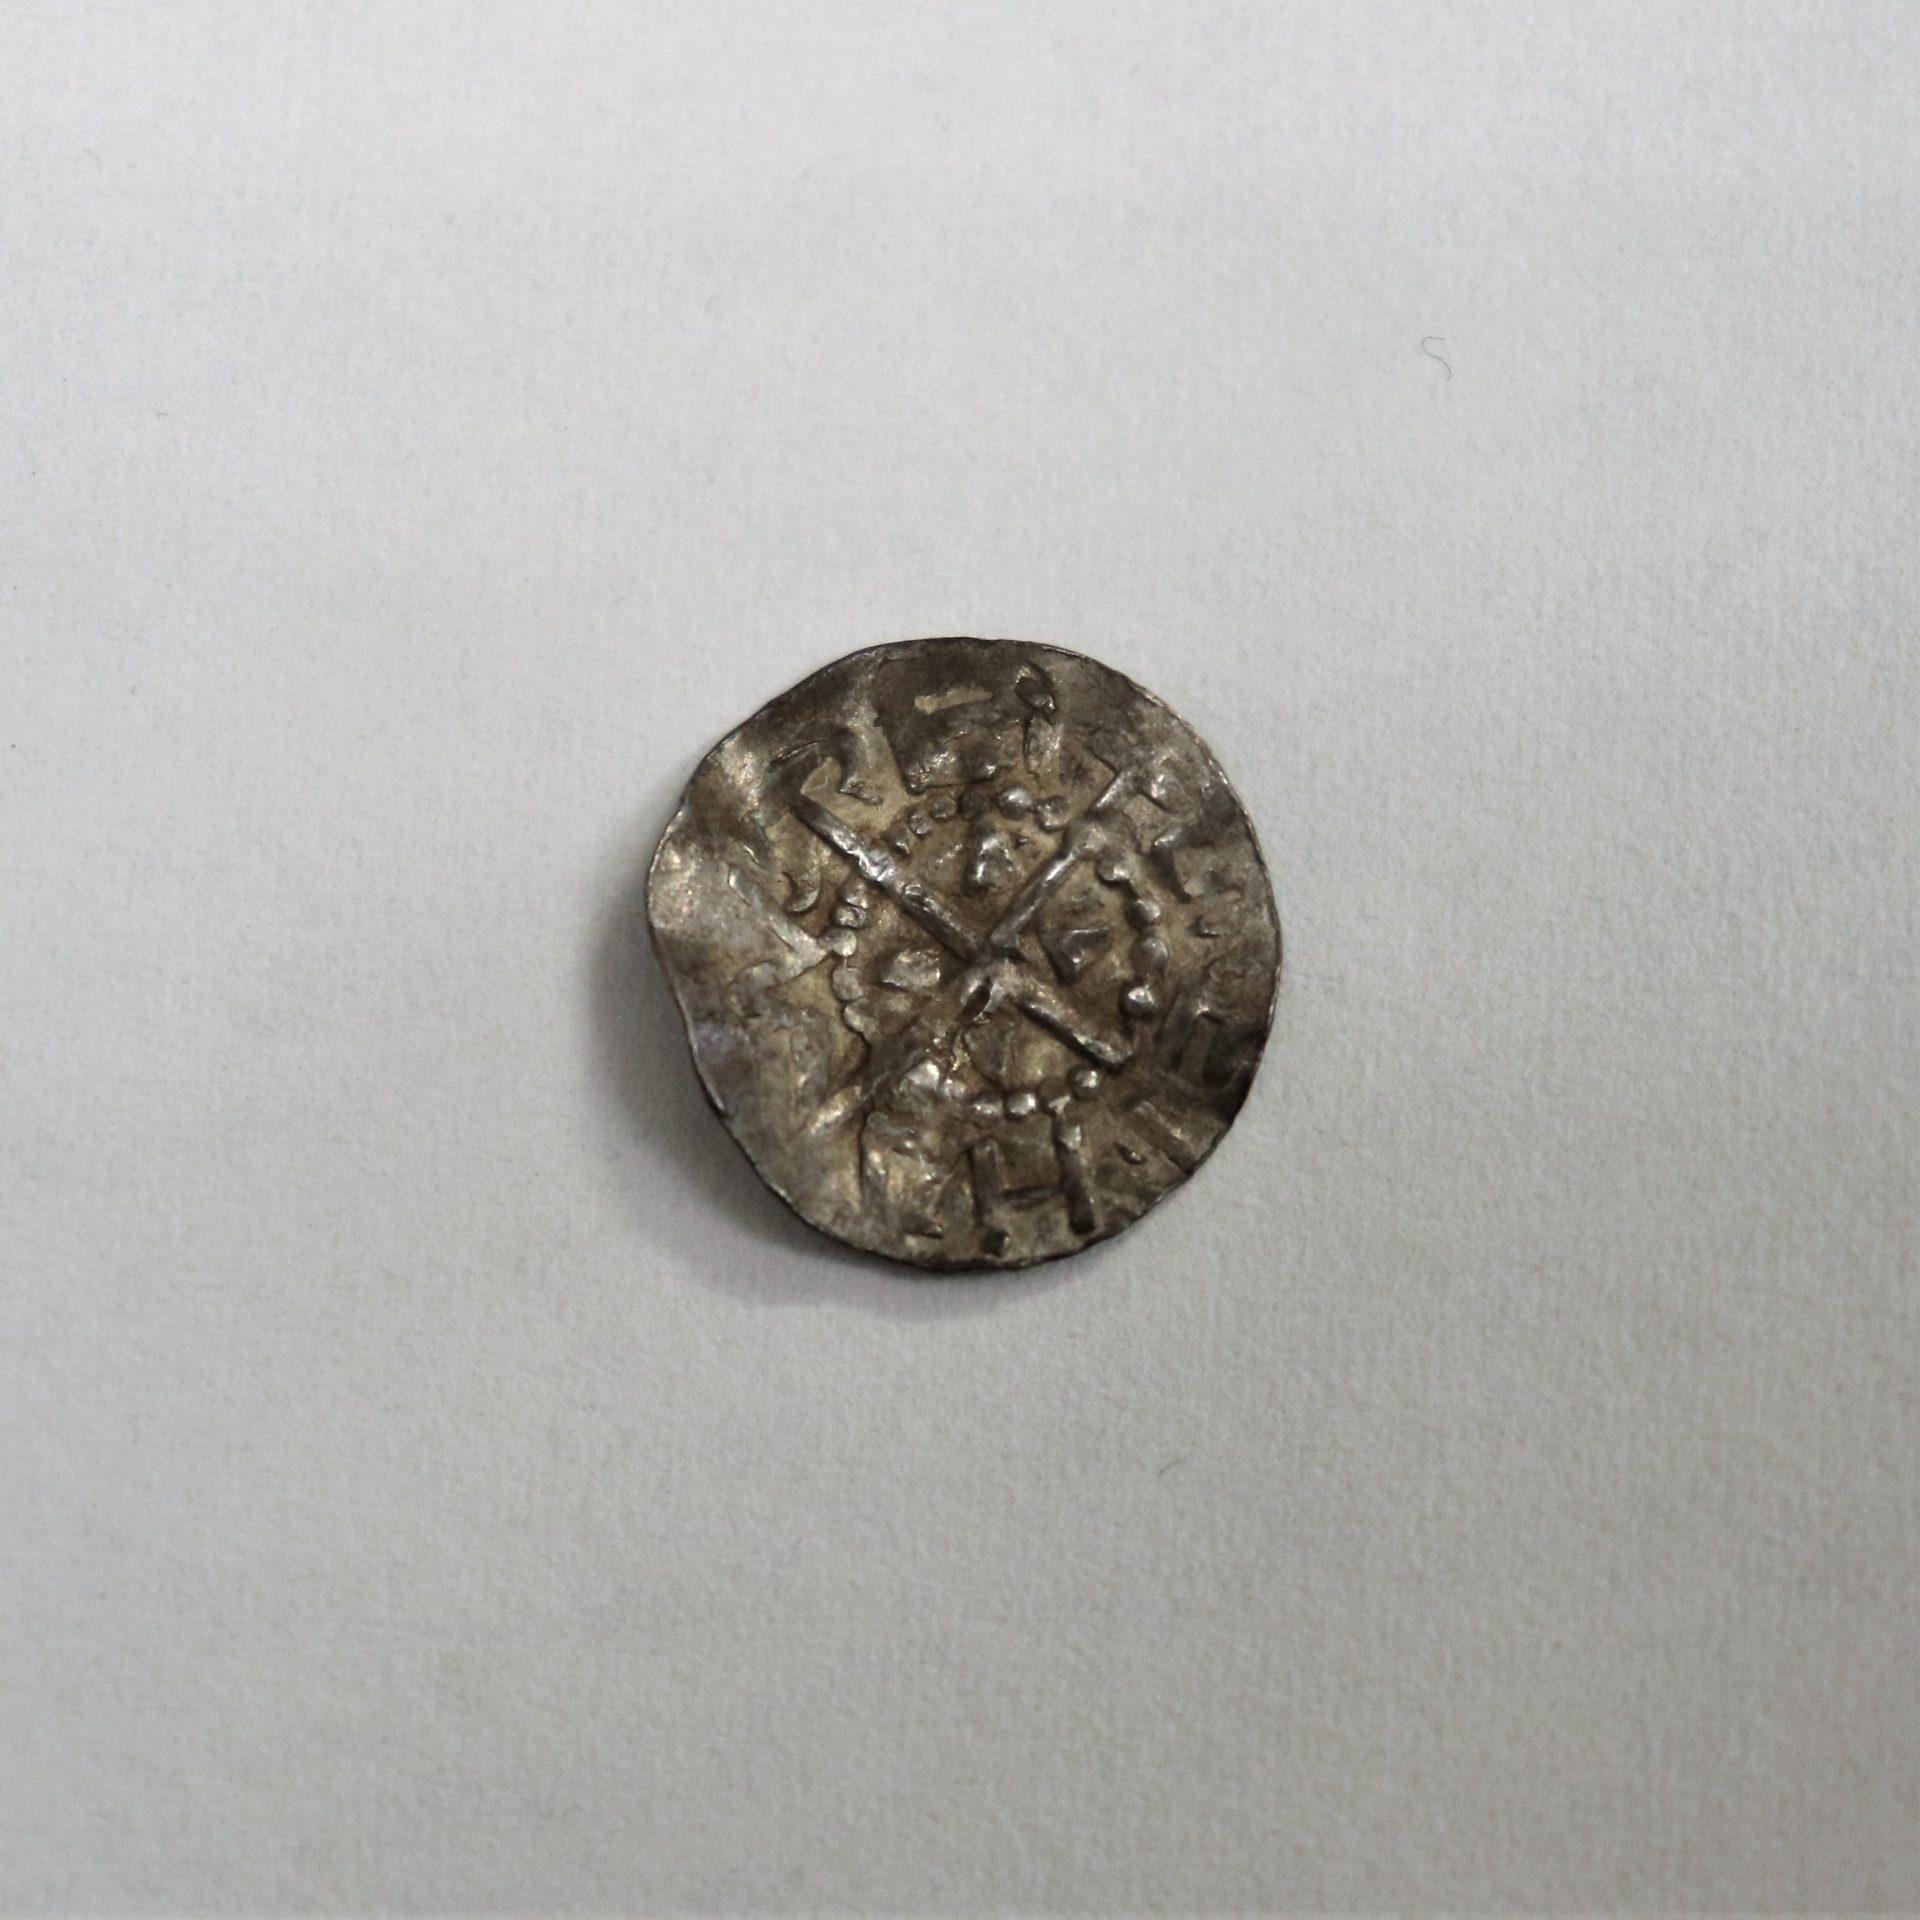 Buckligt mynt med kors i mitten och bokstäver runt kanten.